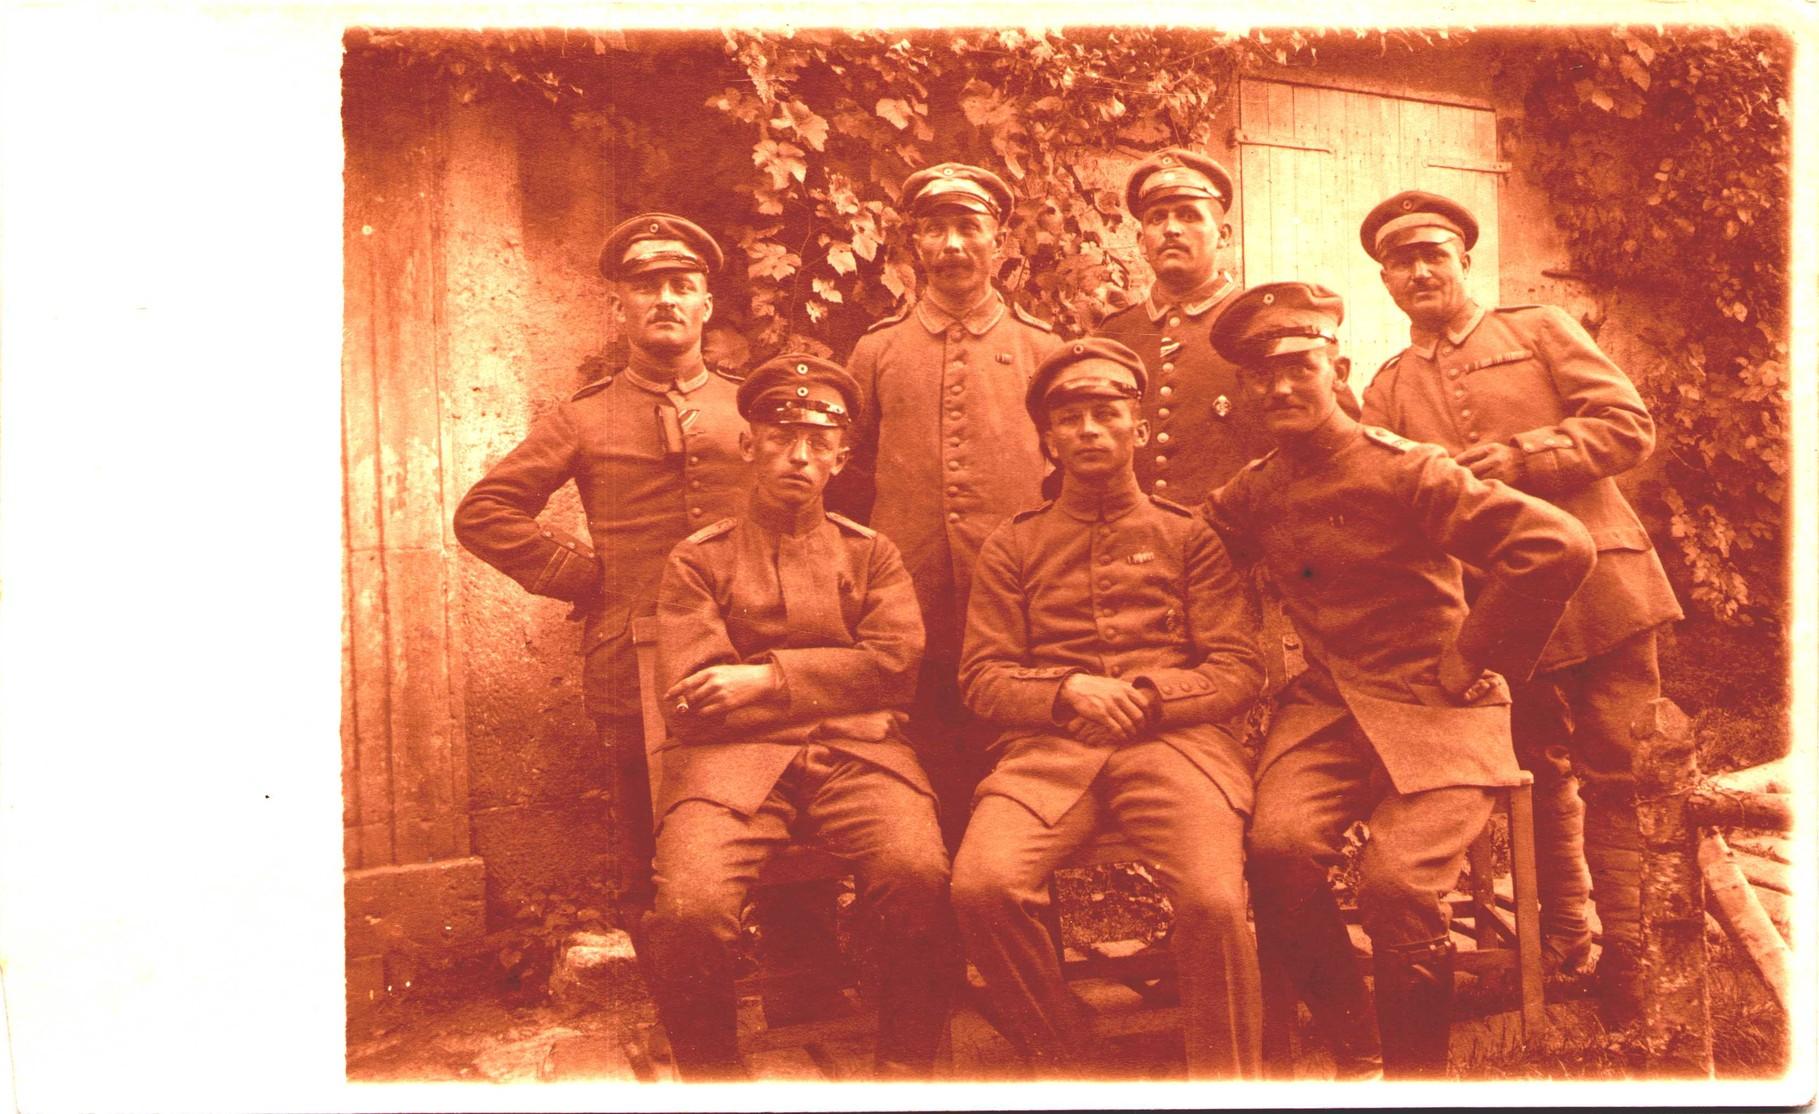 """EK2 1914 am schwarz-weißen Band, diverse Trageweisen, Hessischen Kriegerehrenzeichen (""""Blutiger Ludwig""""), seltenere Aufnahme, rücks. 1.8.1917 Lt.d.R. ... 3./R.J.R. 221"""